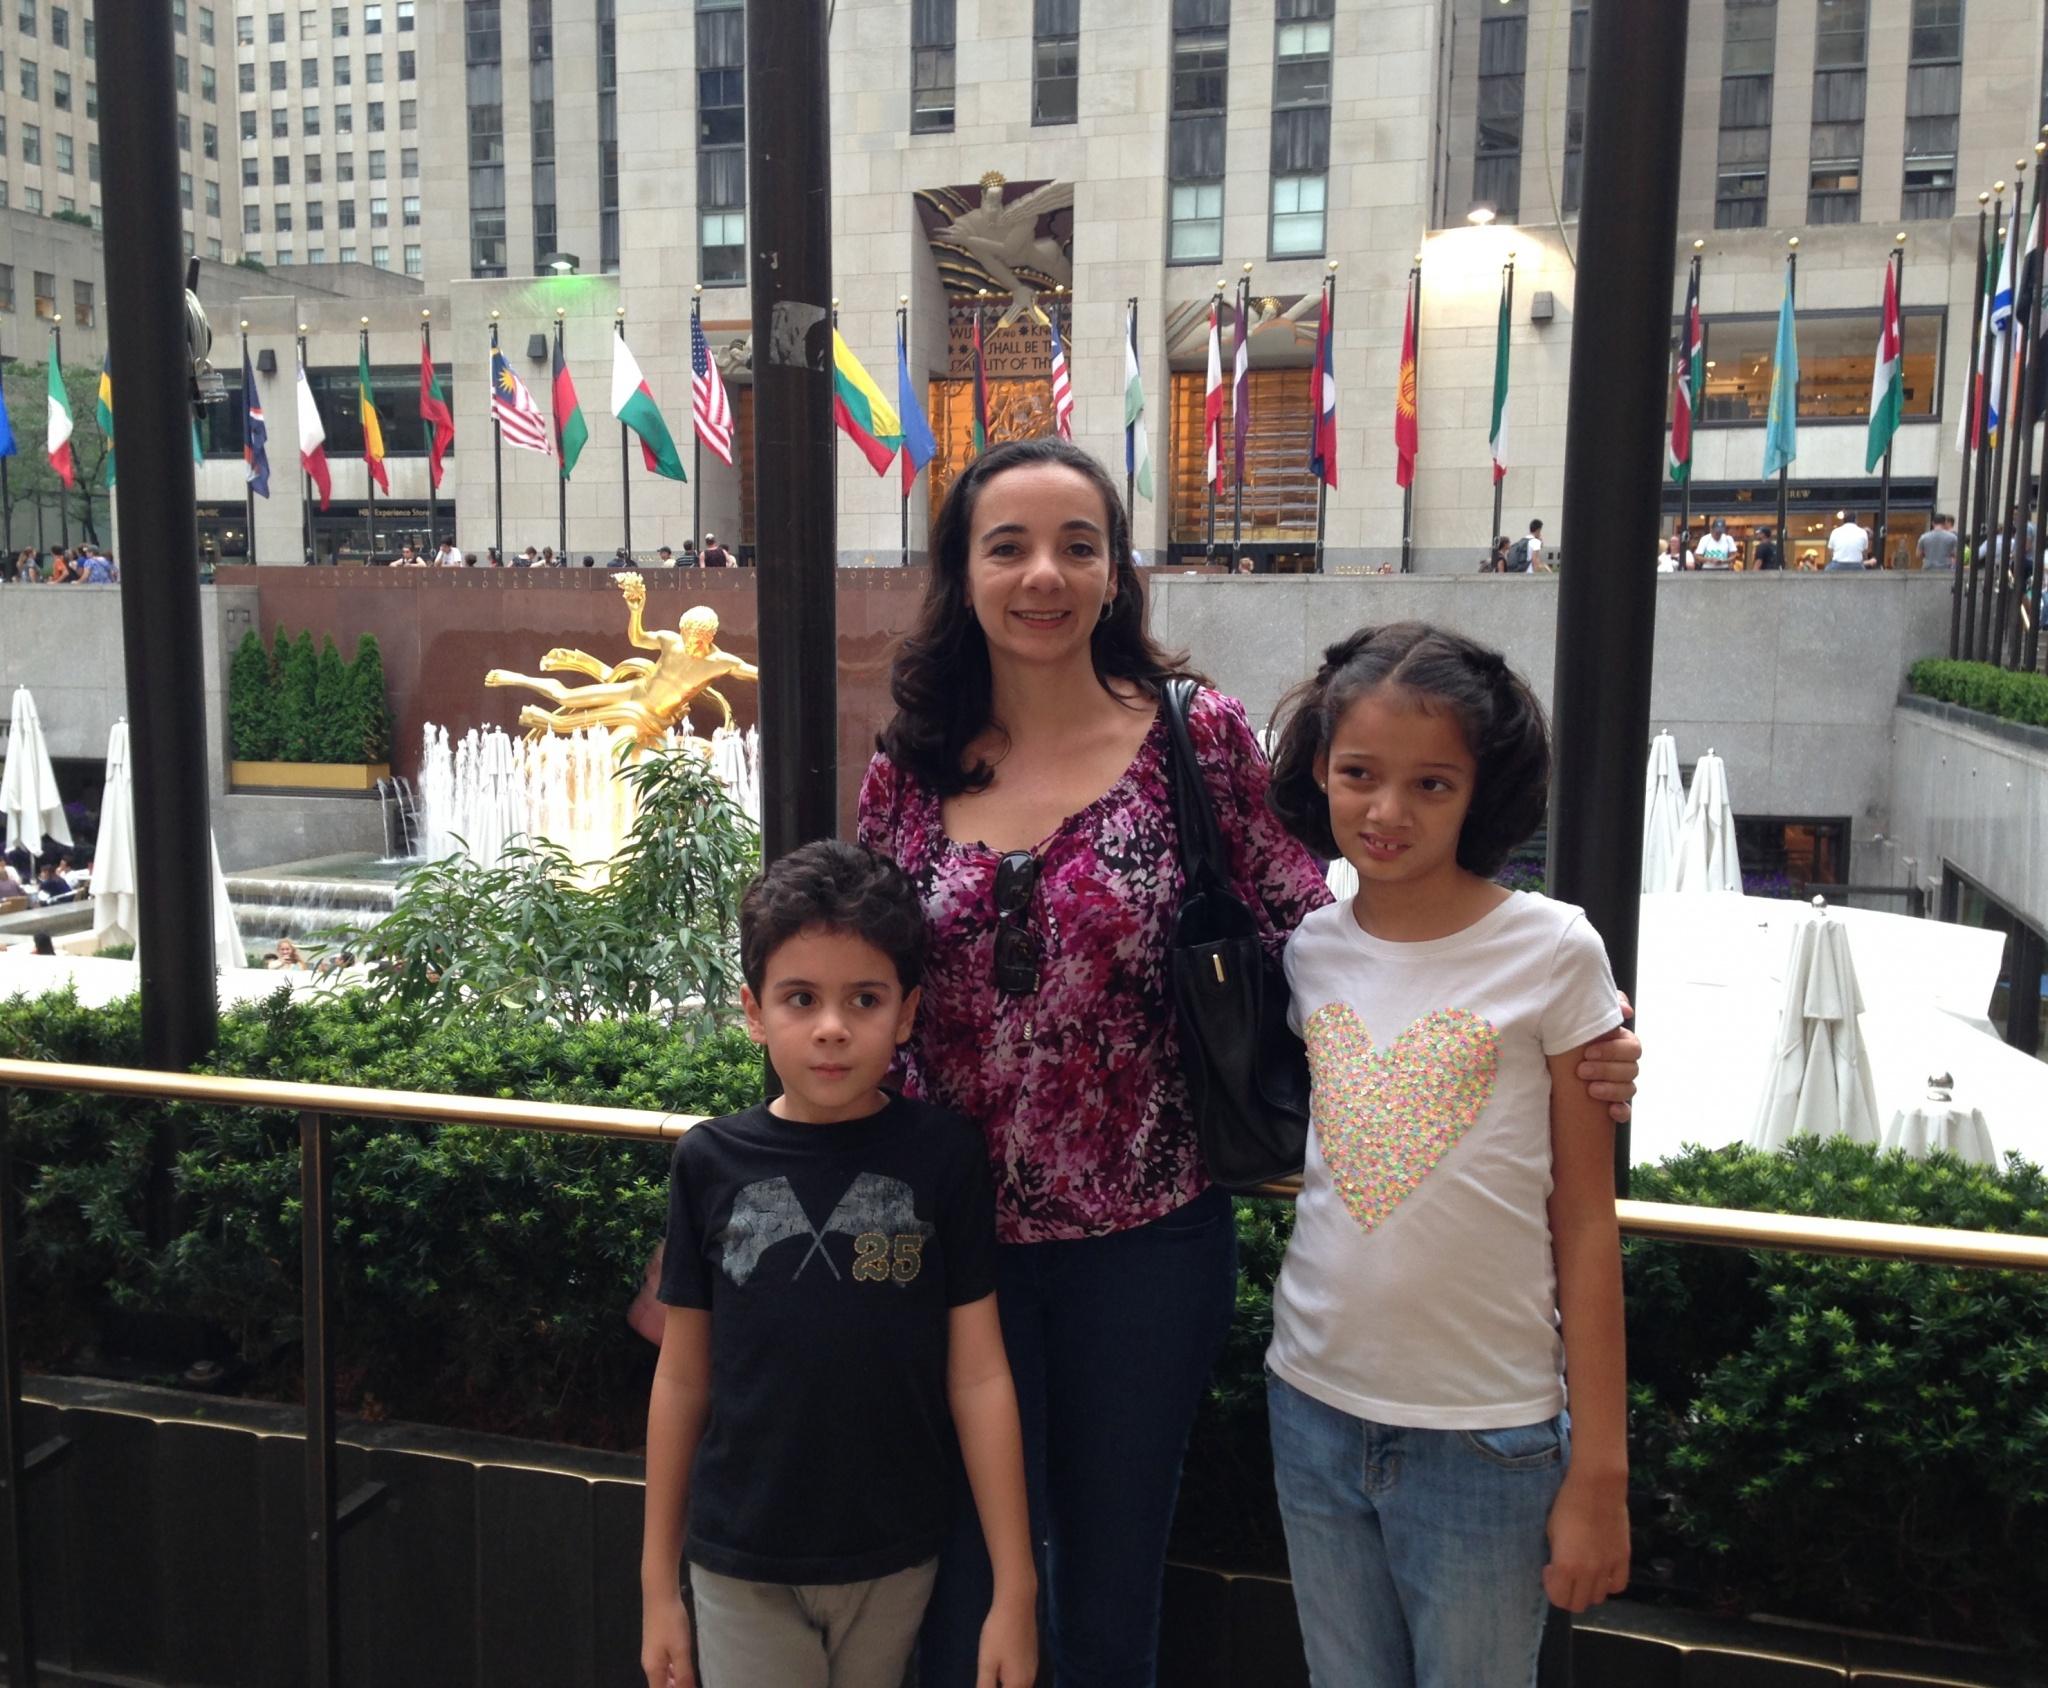 Visiting Rockefeller Center with kids